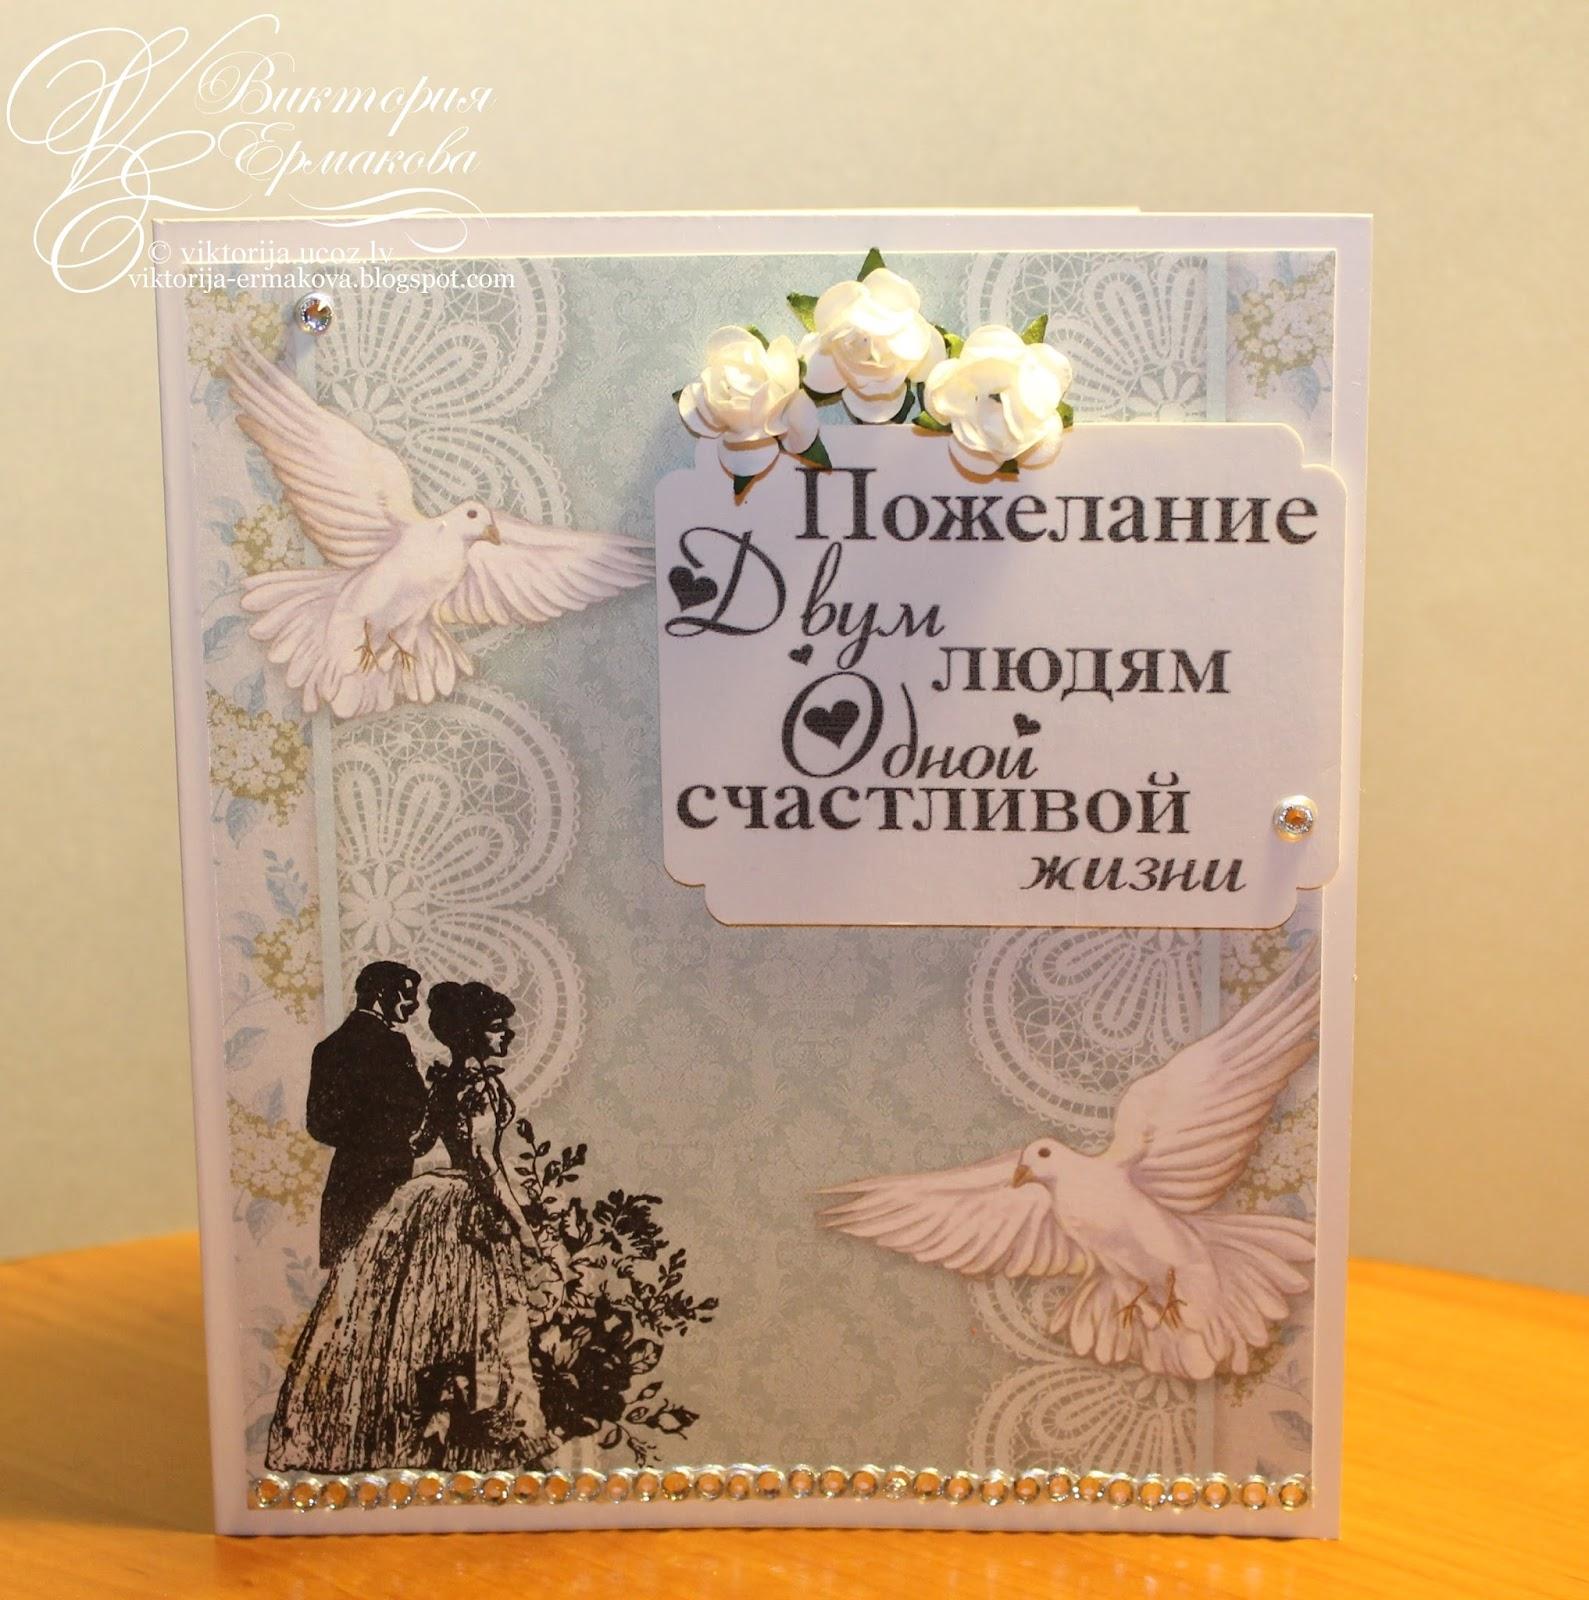 Сентября, открытки с пожеланиями счастливой жизни